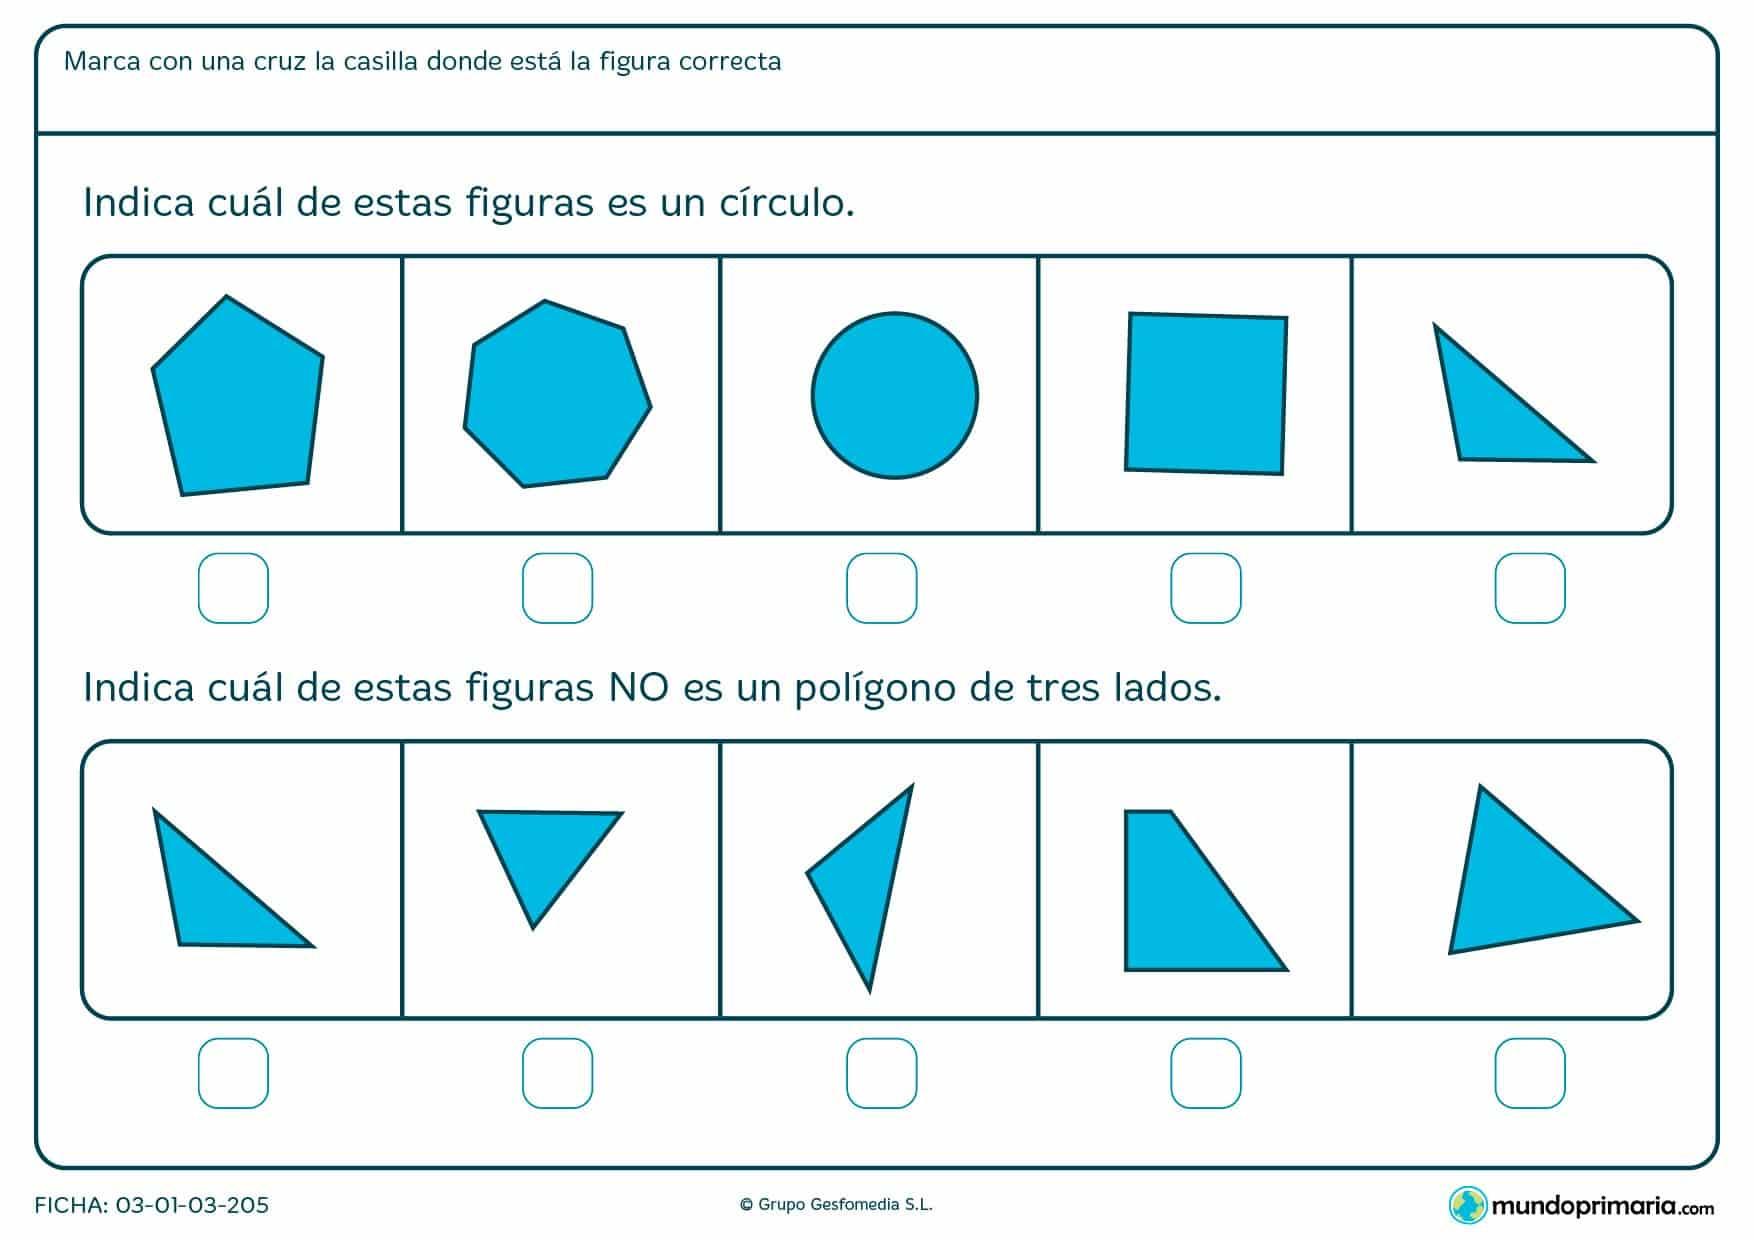 Ficha de construcción de tres lados para que los niños de primero de primaria identifiquen diferentes figuras geométricas y distingan el número de lados.